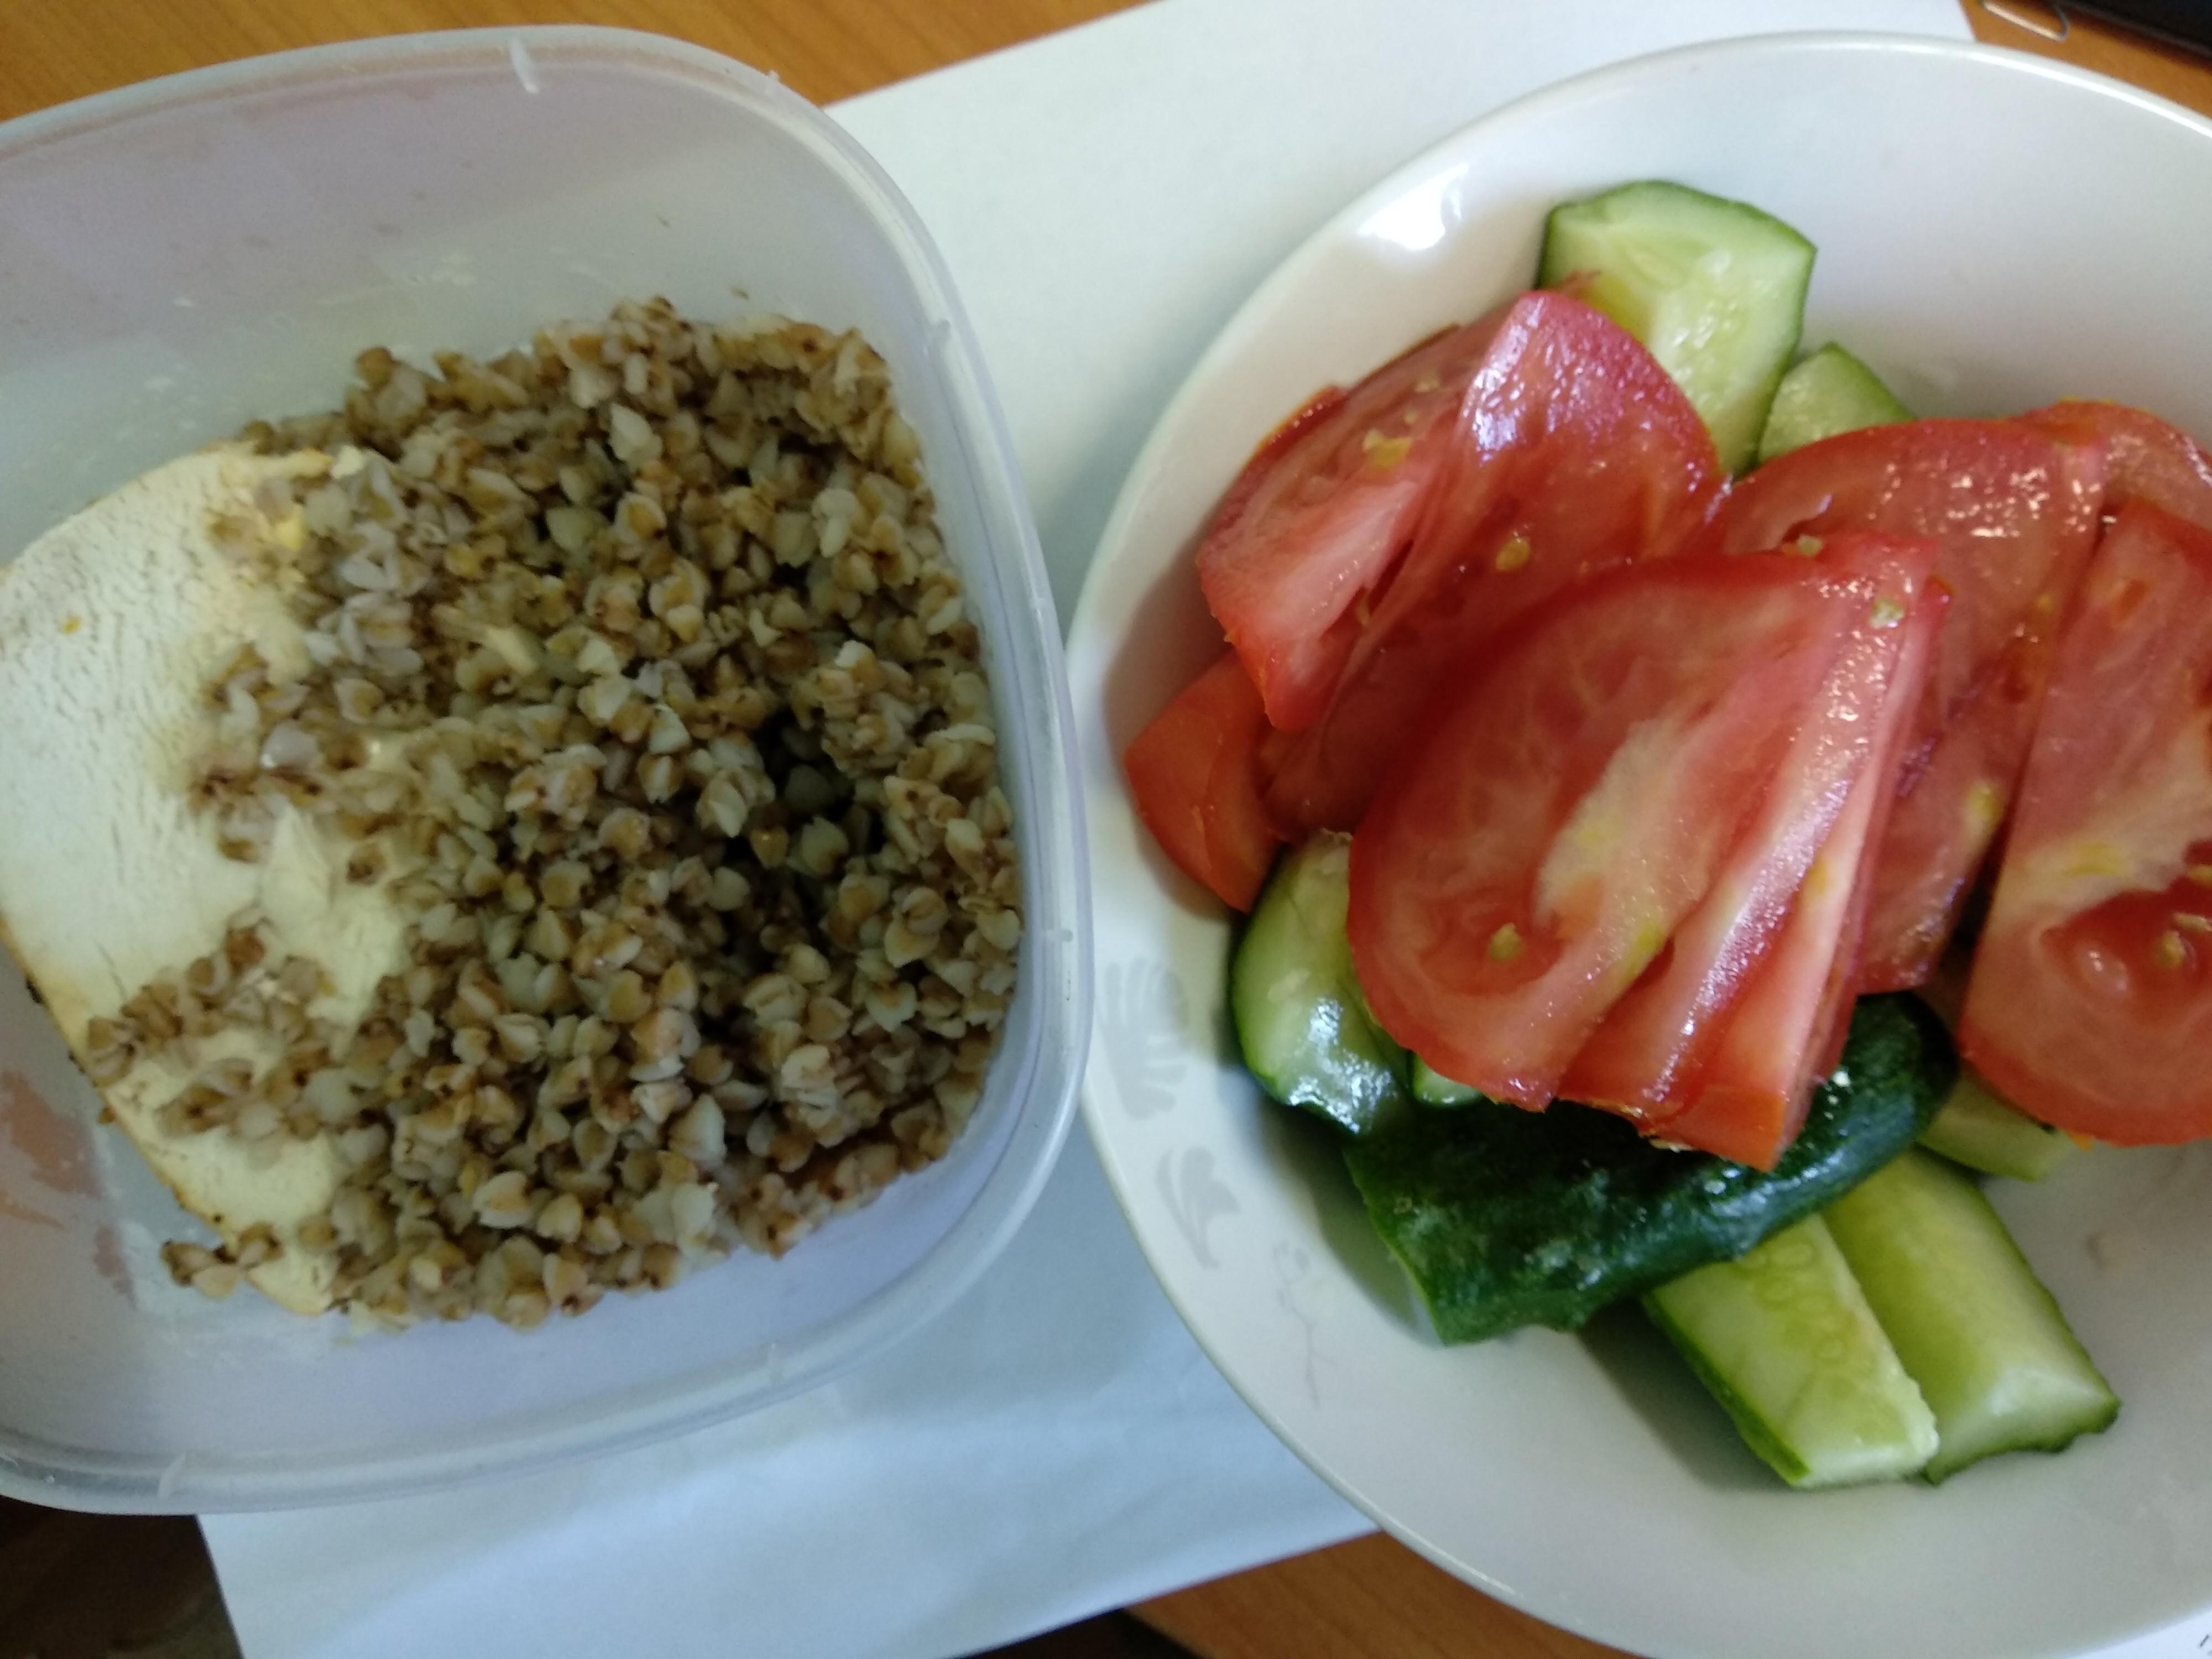 Диета Гречка И Томатный Сок. Новая диета: гречка и томатный сок помогут сбросить до 10кг за 7 дней